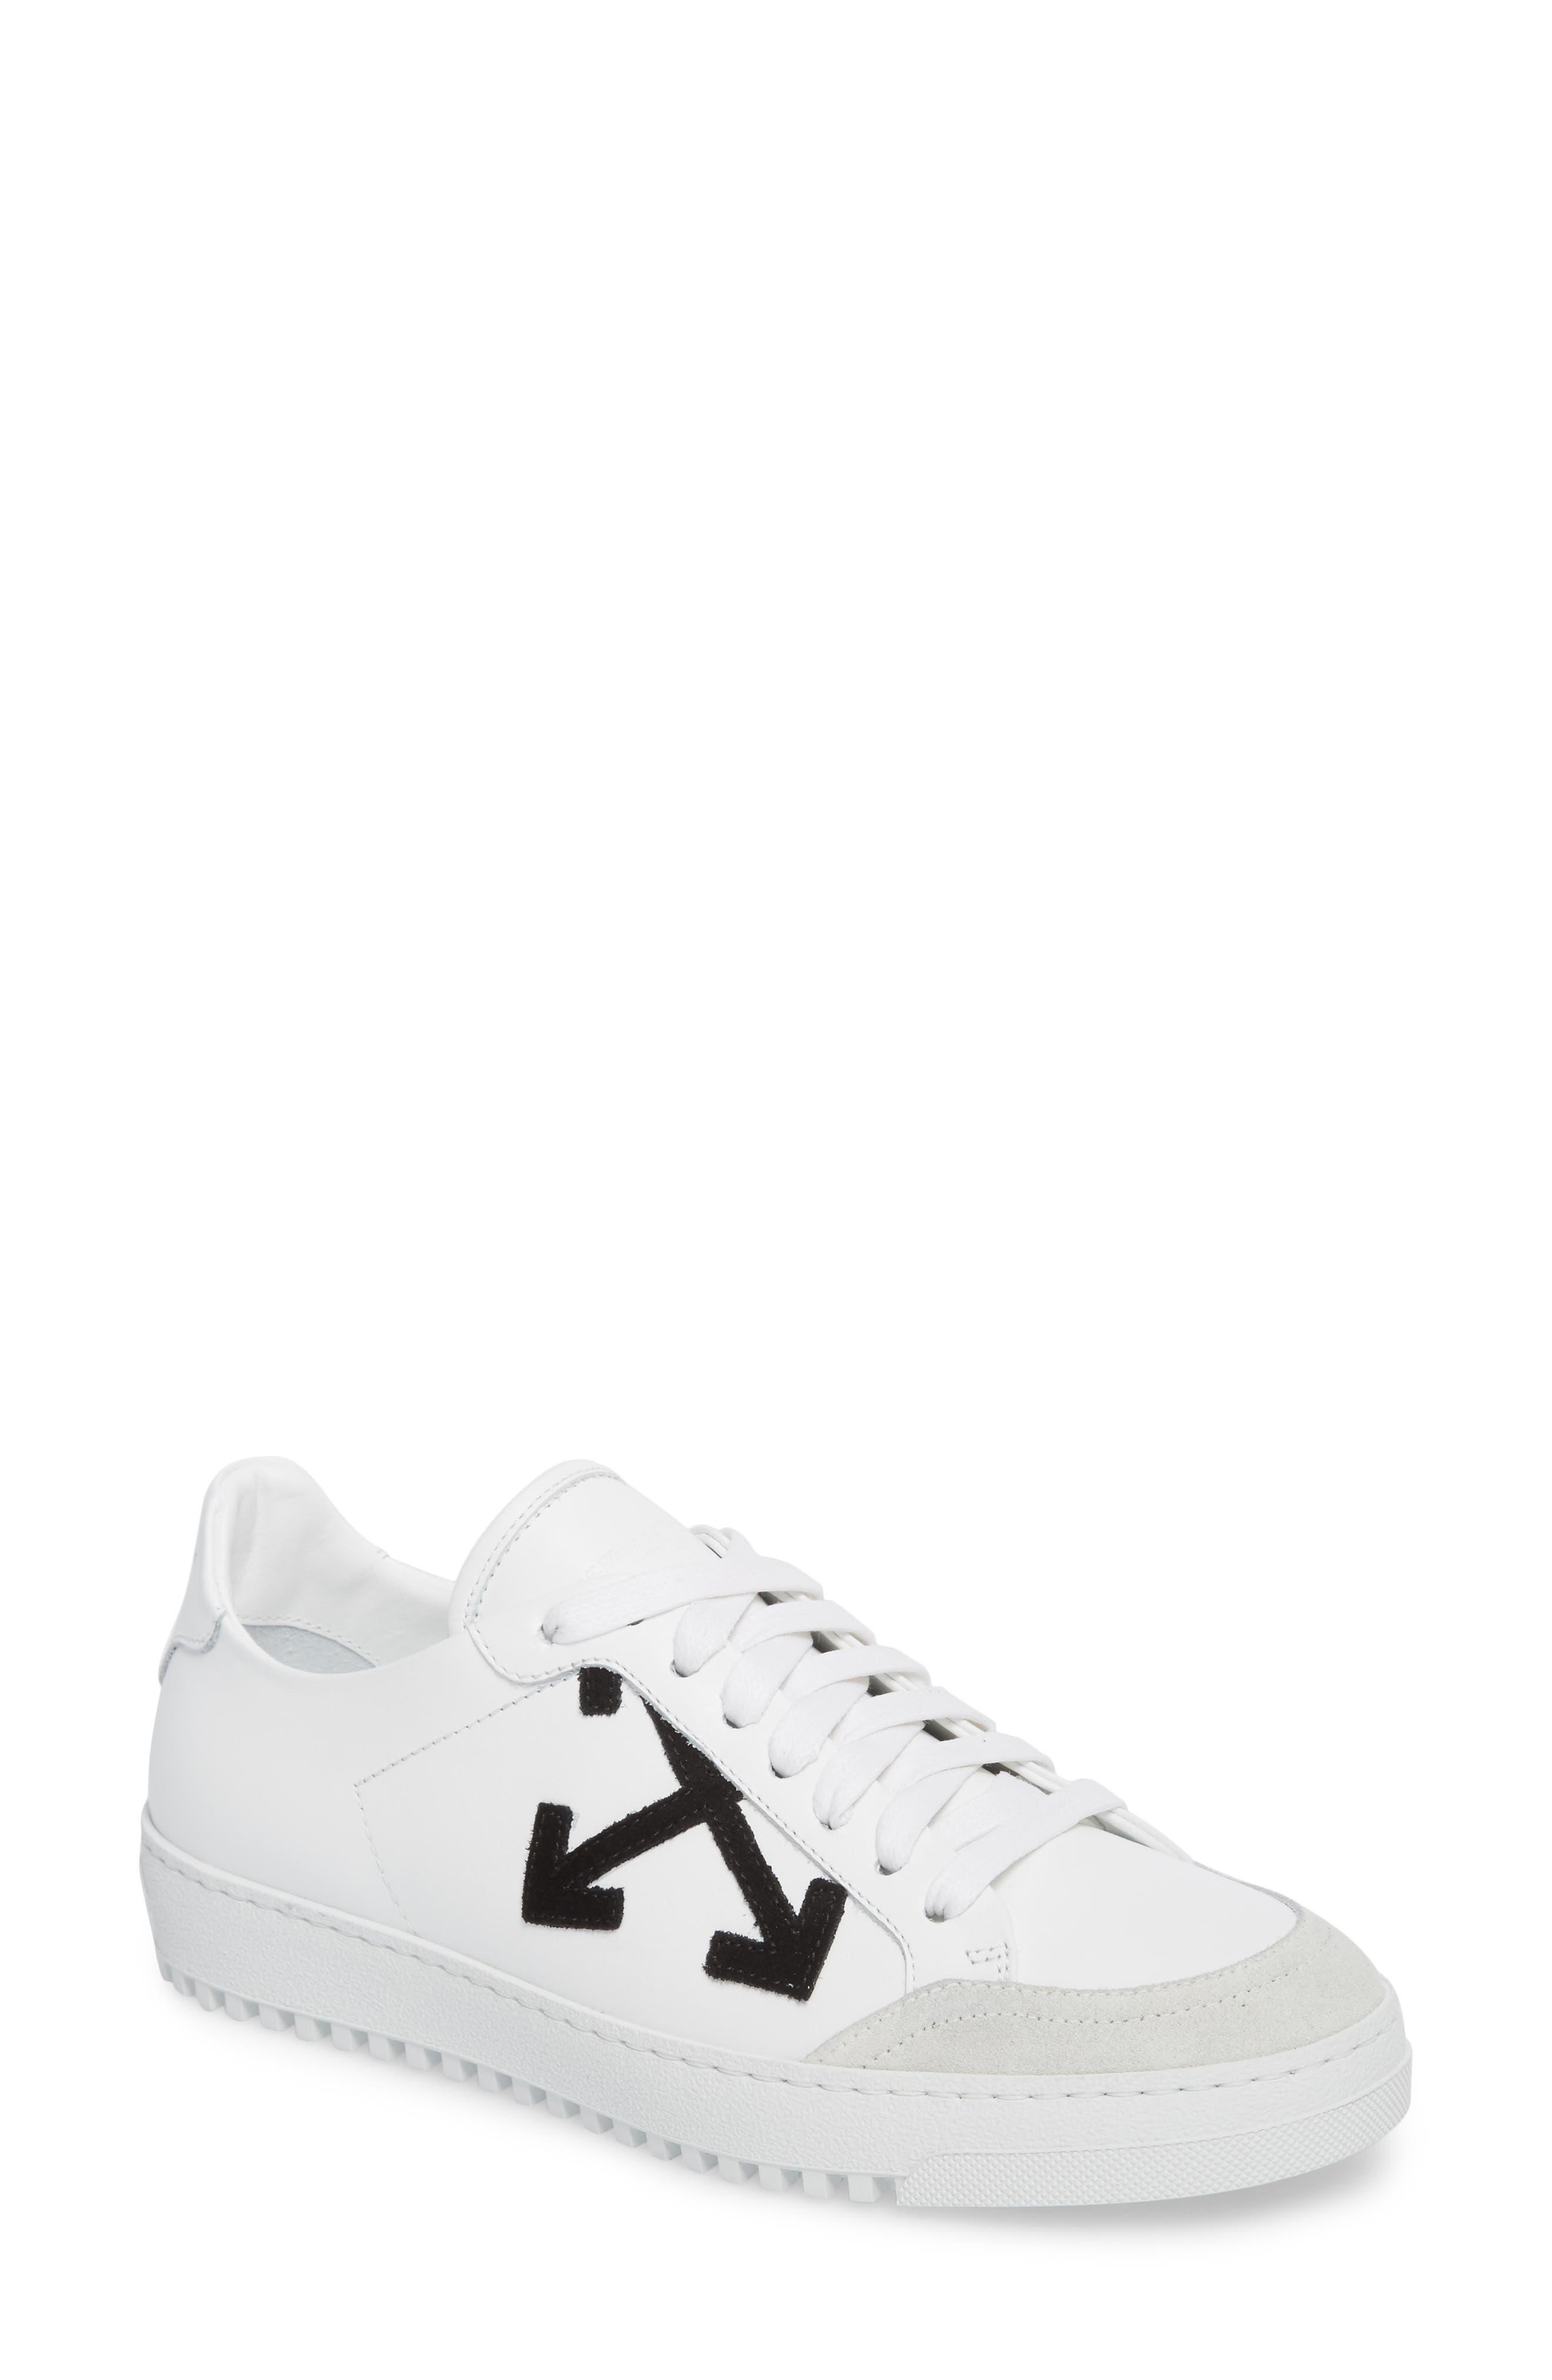 Off-White Arrow Sneaker (Women)